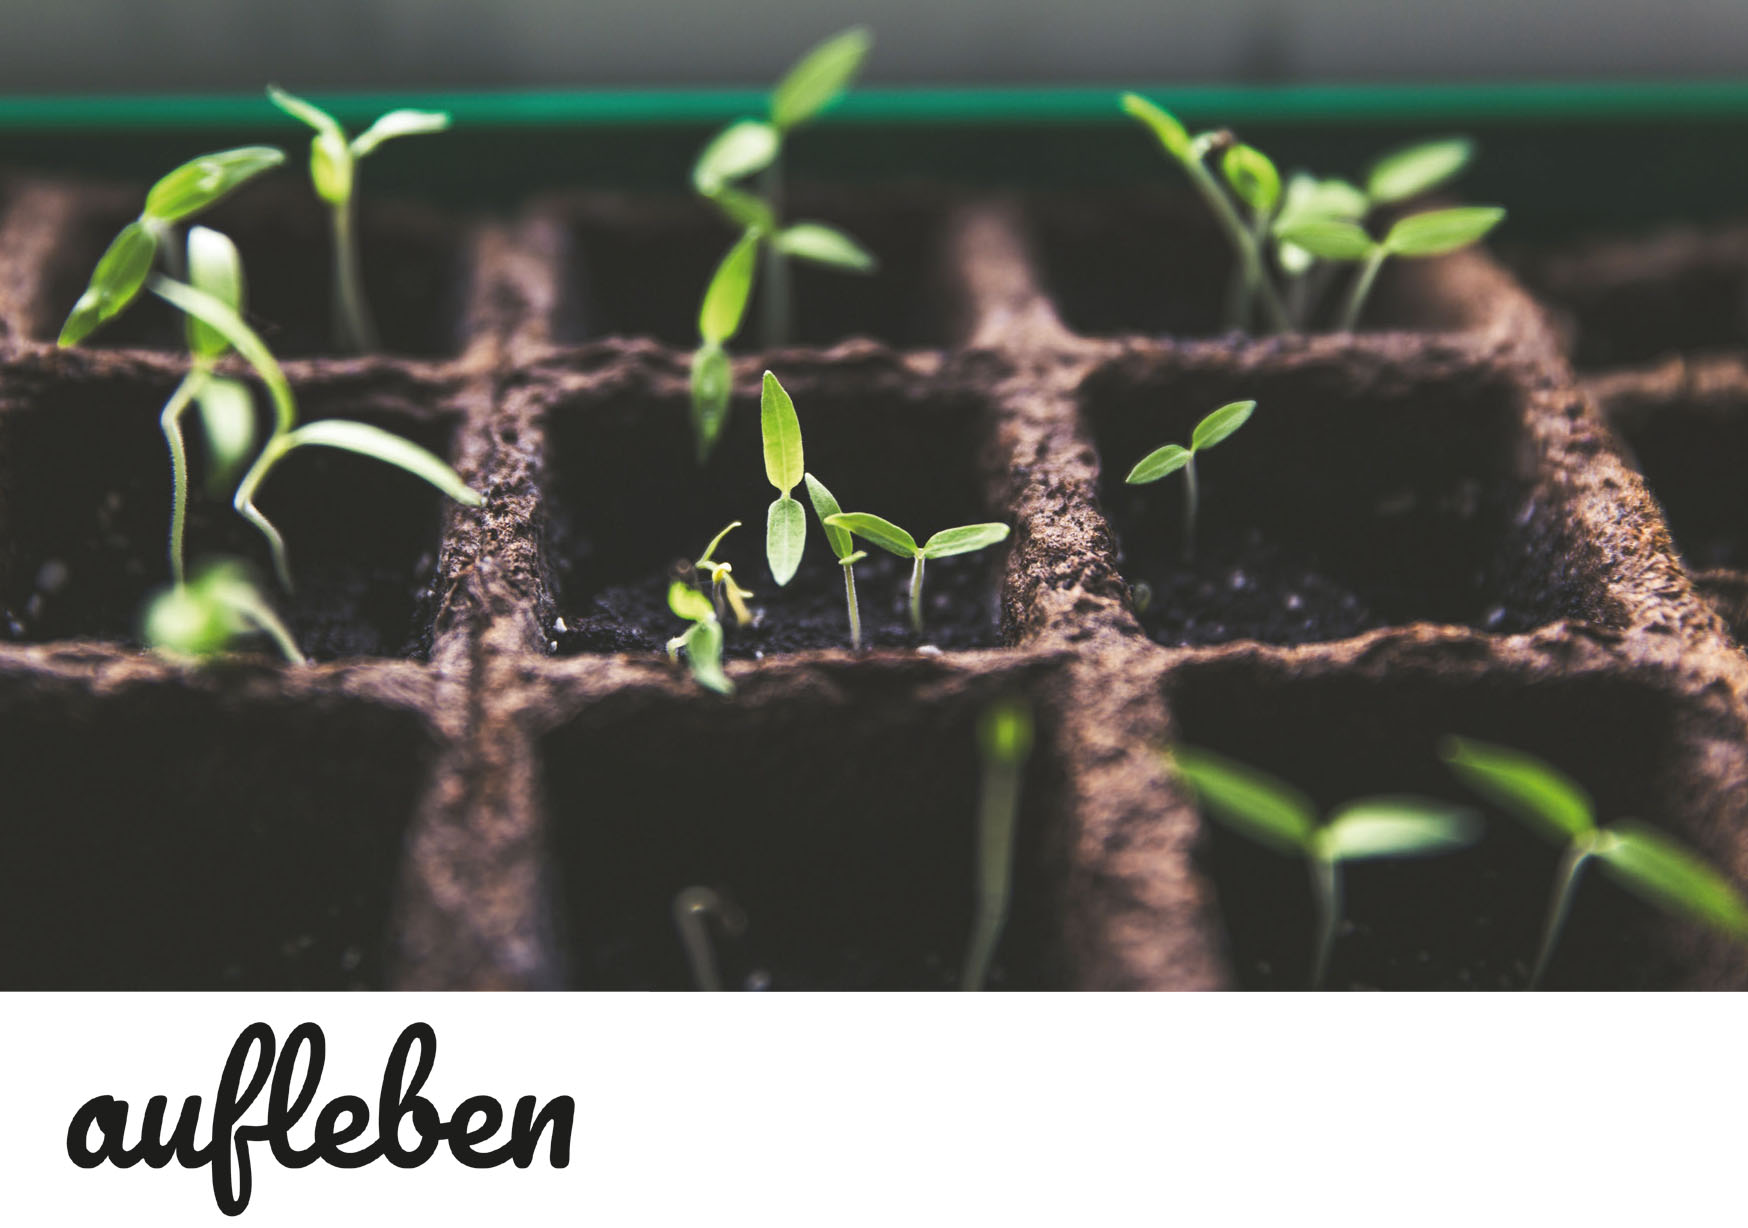 """Der neue Blog """"aufleben"""" erzählt humorvoll, frech, aber stets positiv und ermutigend von und für Menschen aus der Landwirtschaft."""